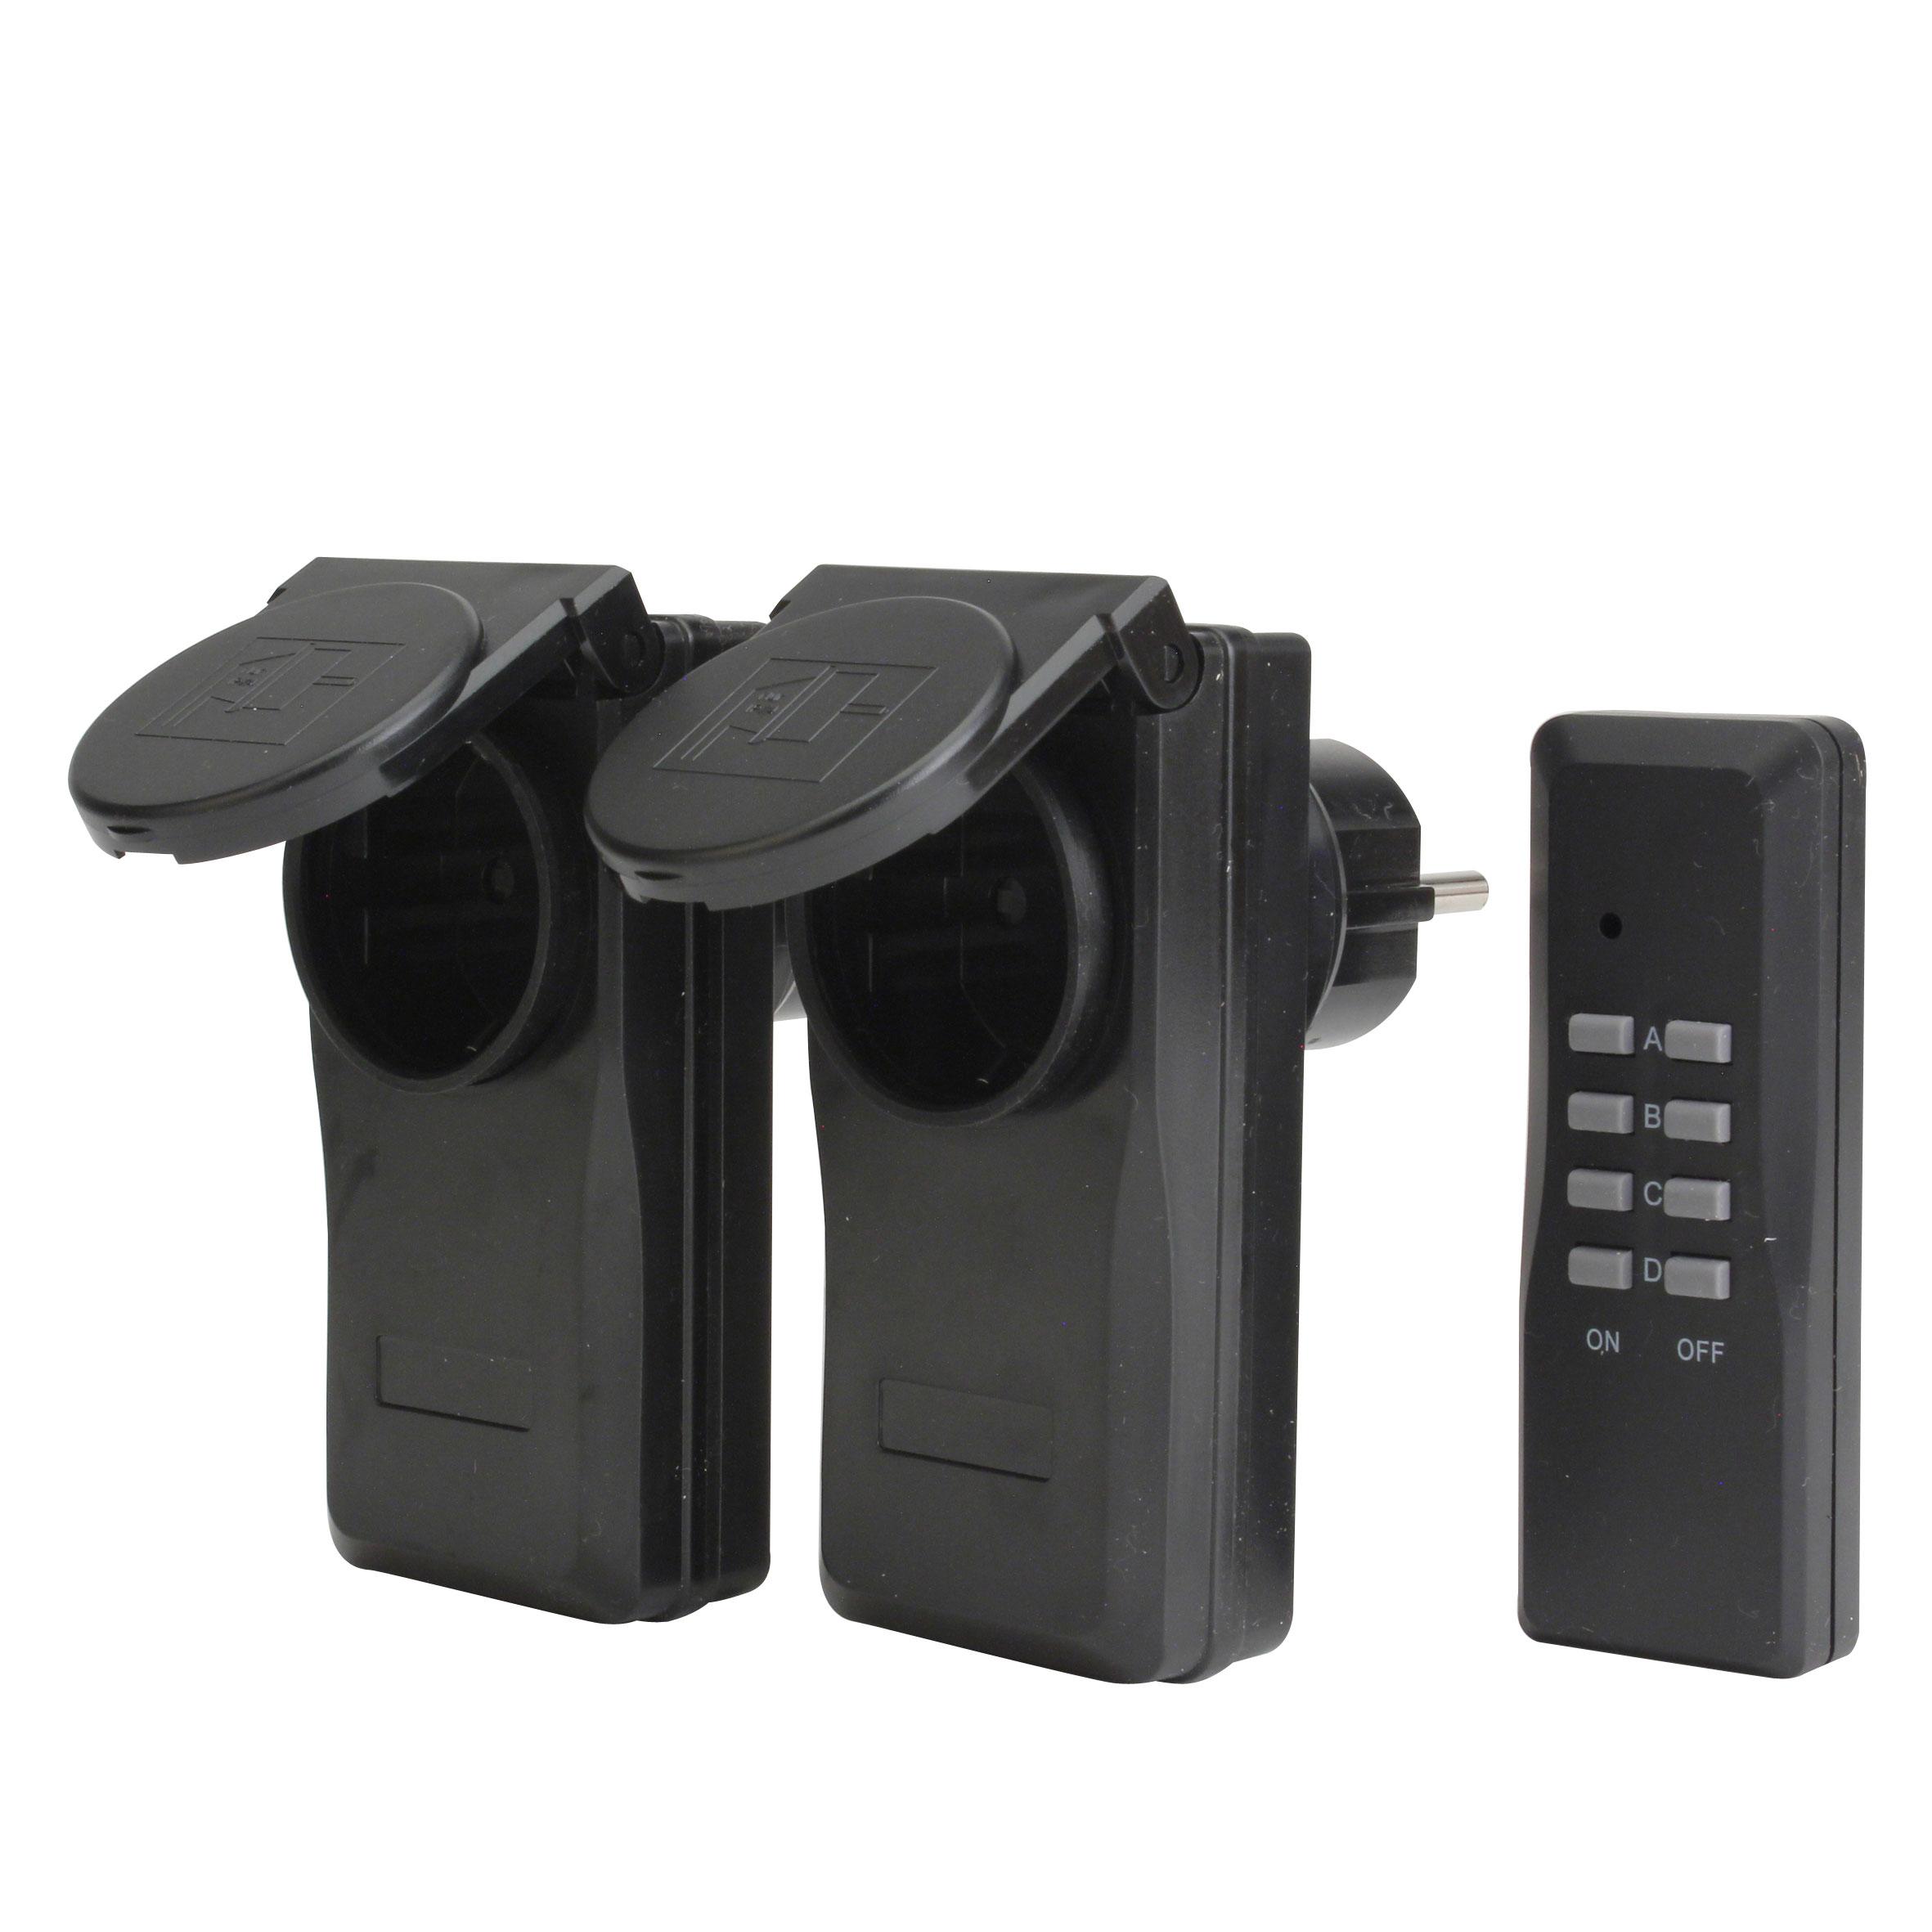 Unitec Funkfernschalter Set 2+1 Micro Außen IP44 1000 Watt schwarz Bild 1